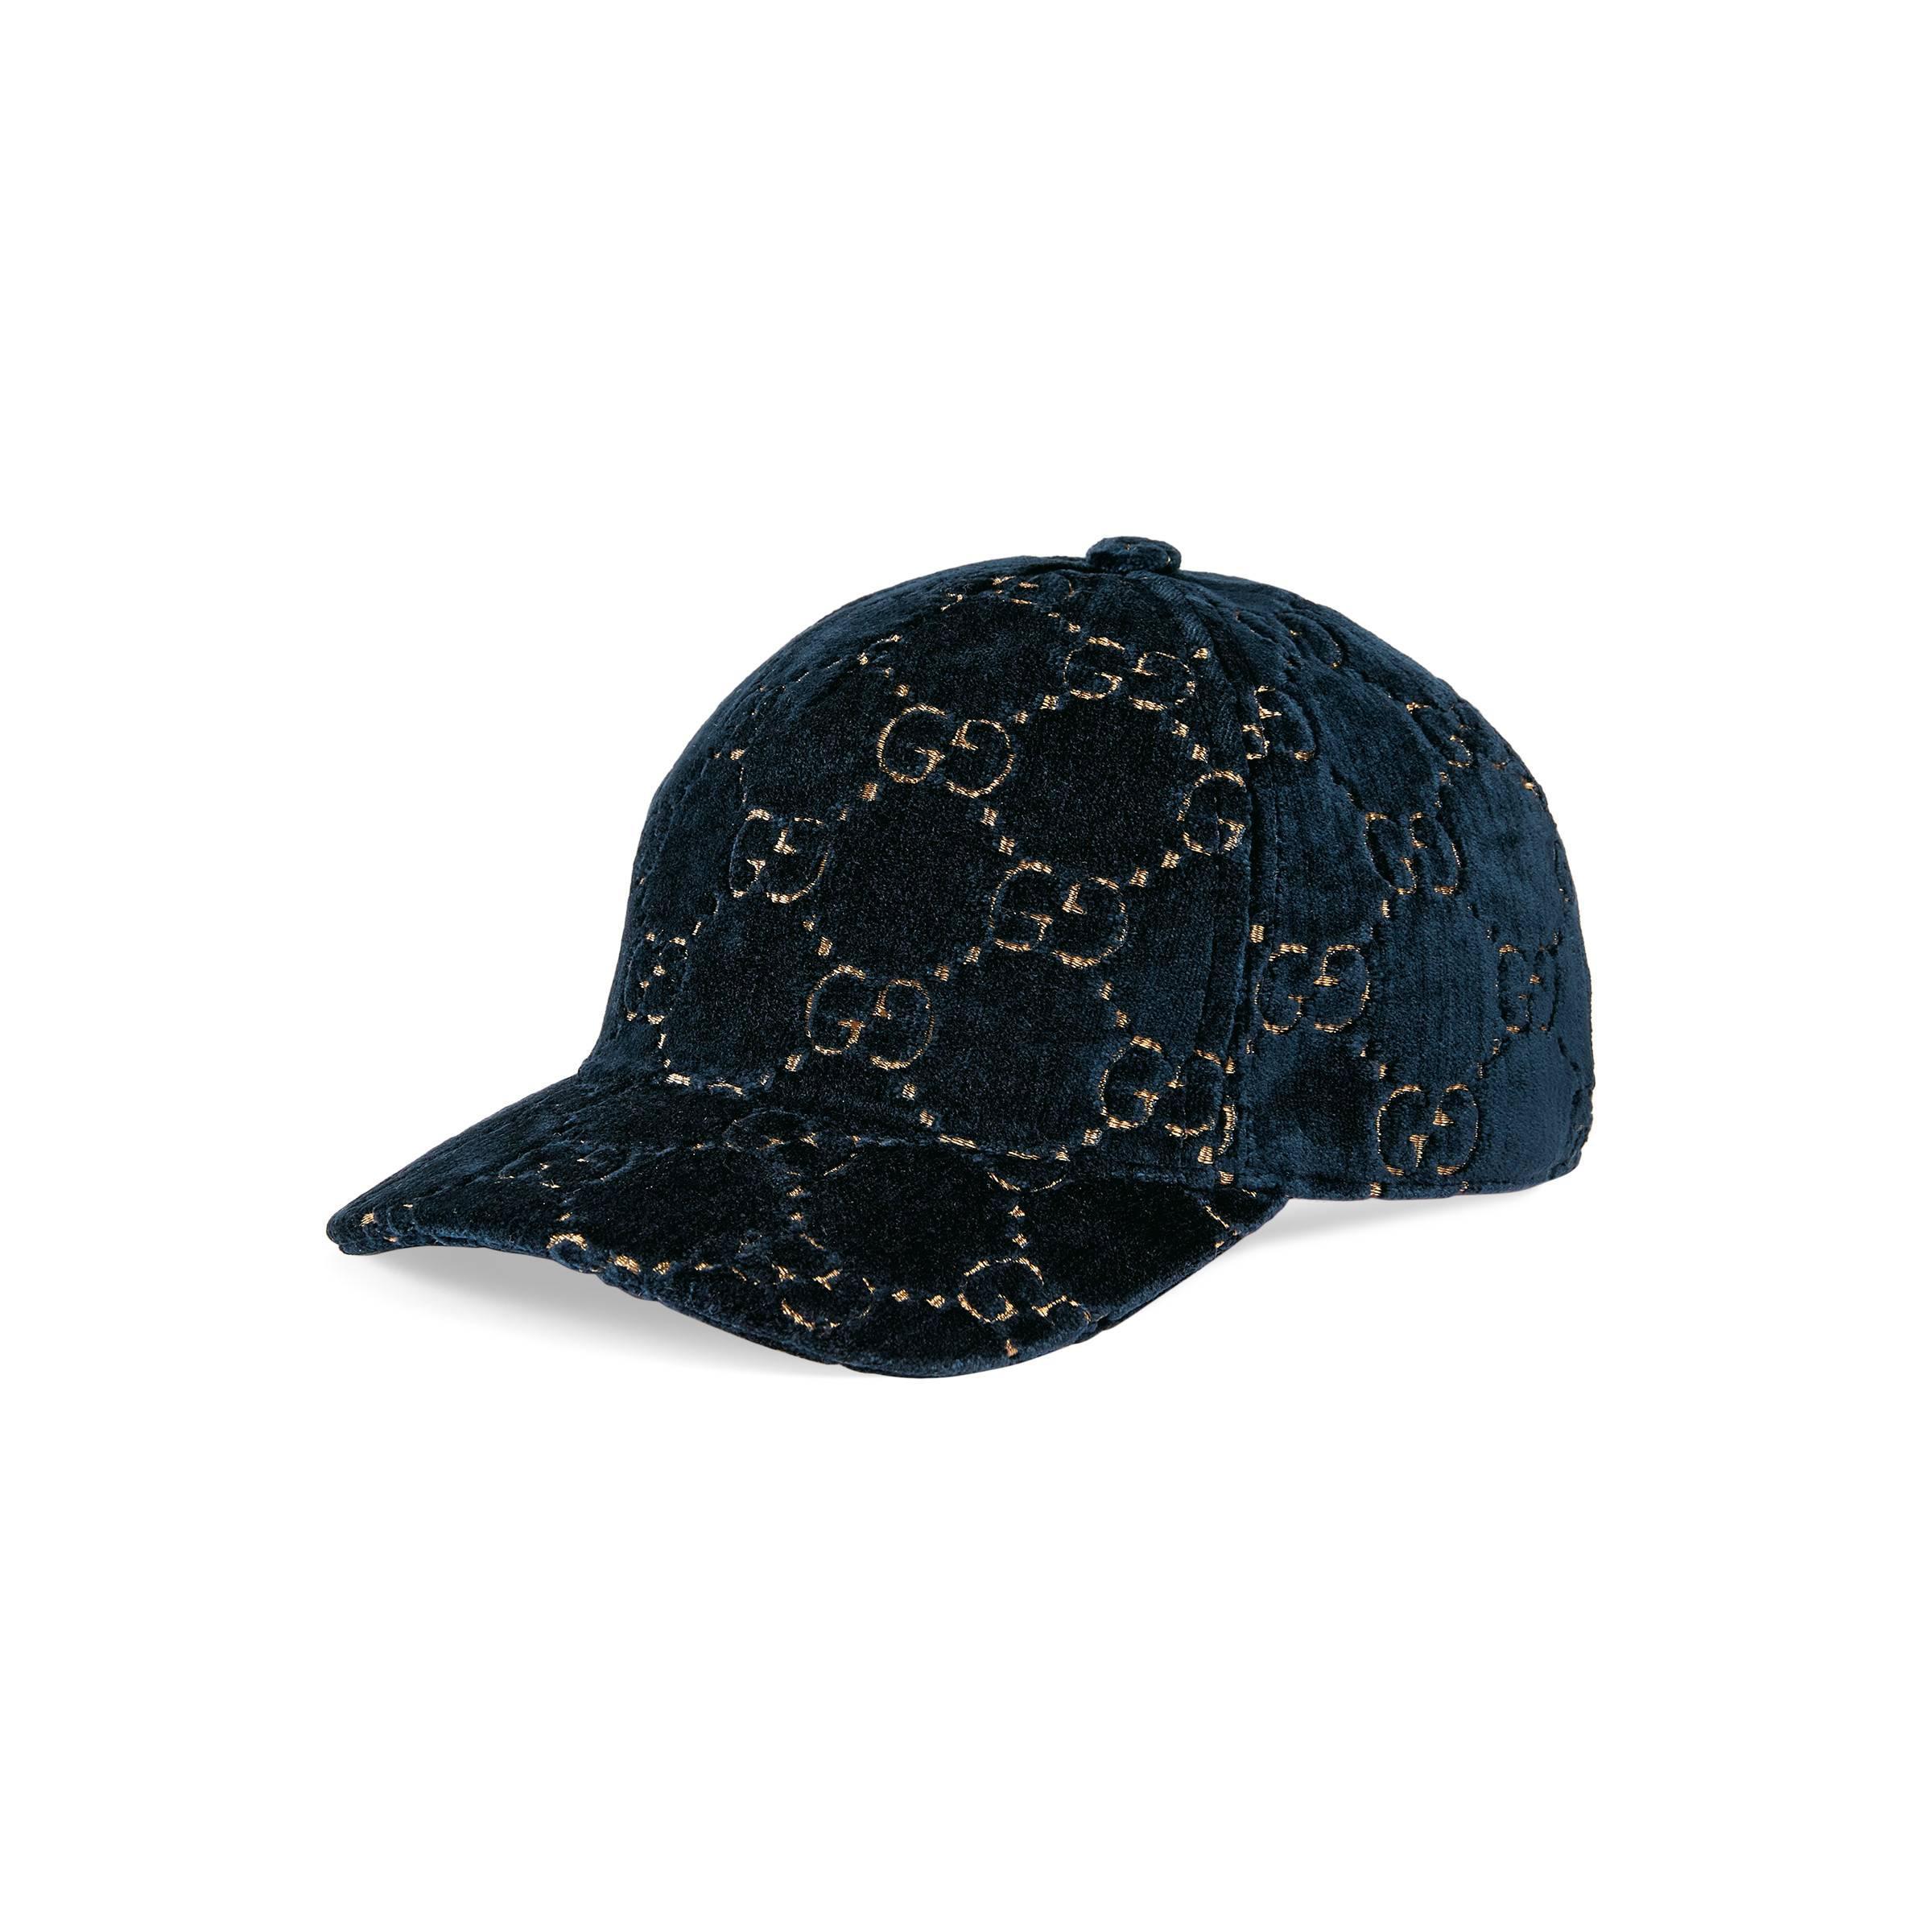 e27dc9fc25ab Lyst - Casquette en velours GG Gucci en coloris Bleu